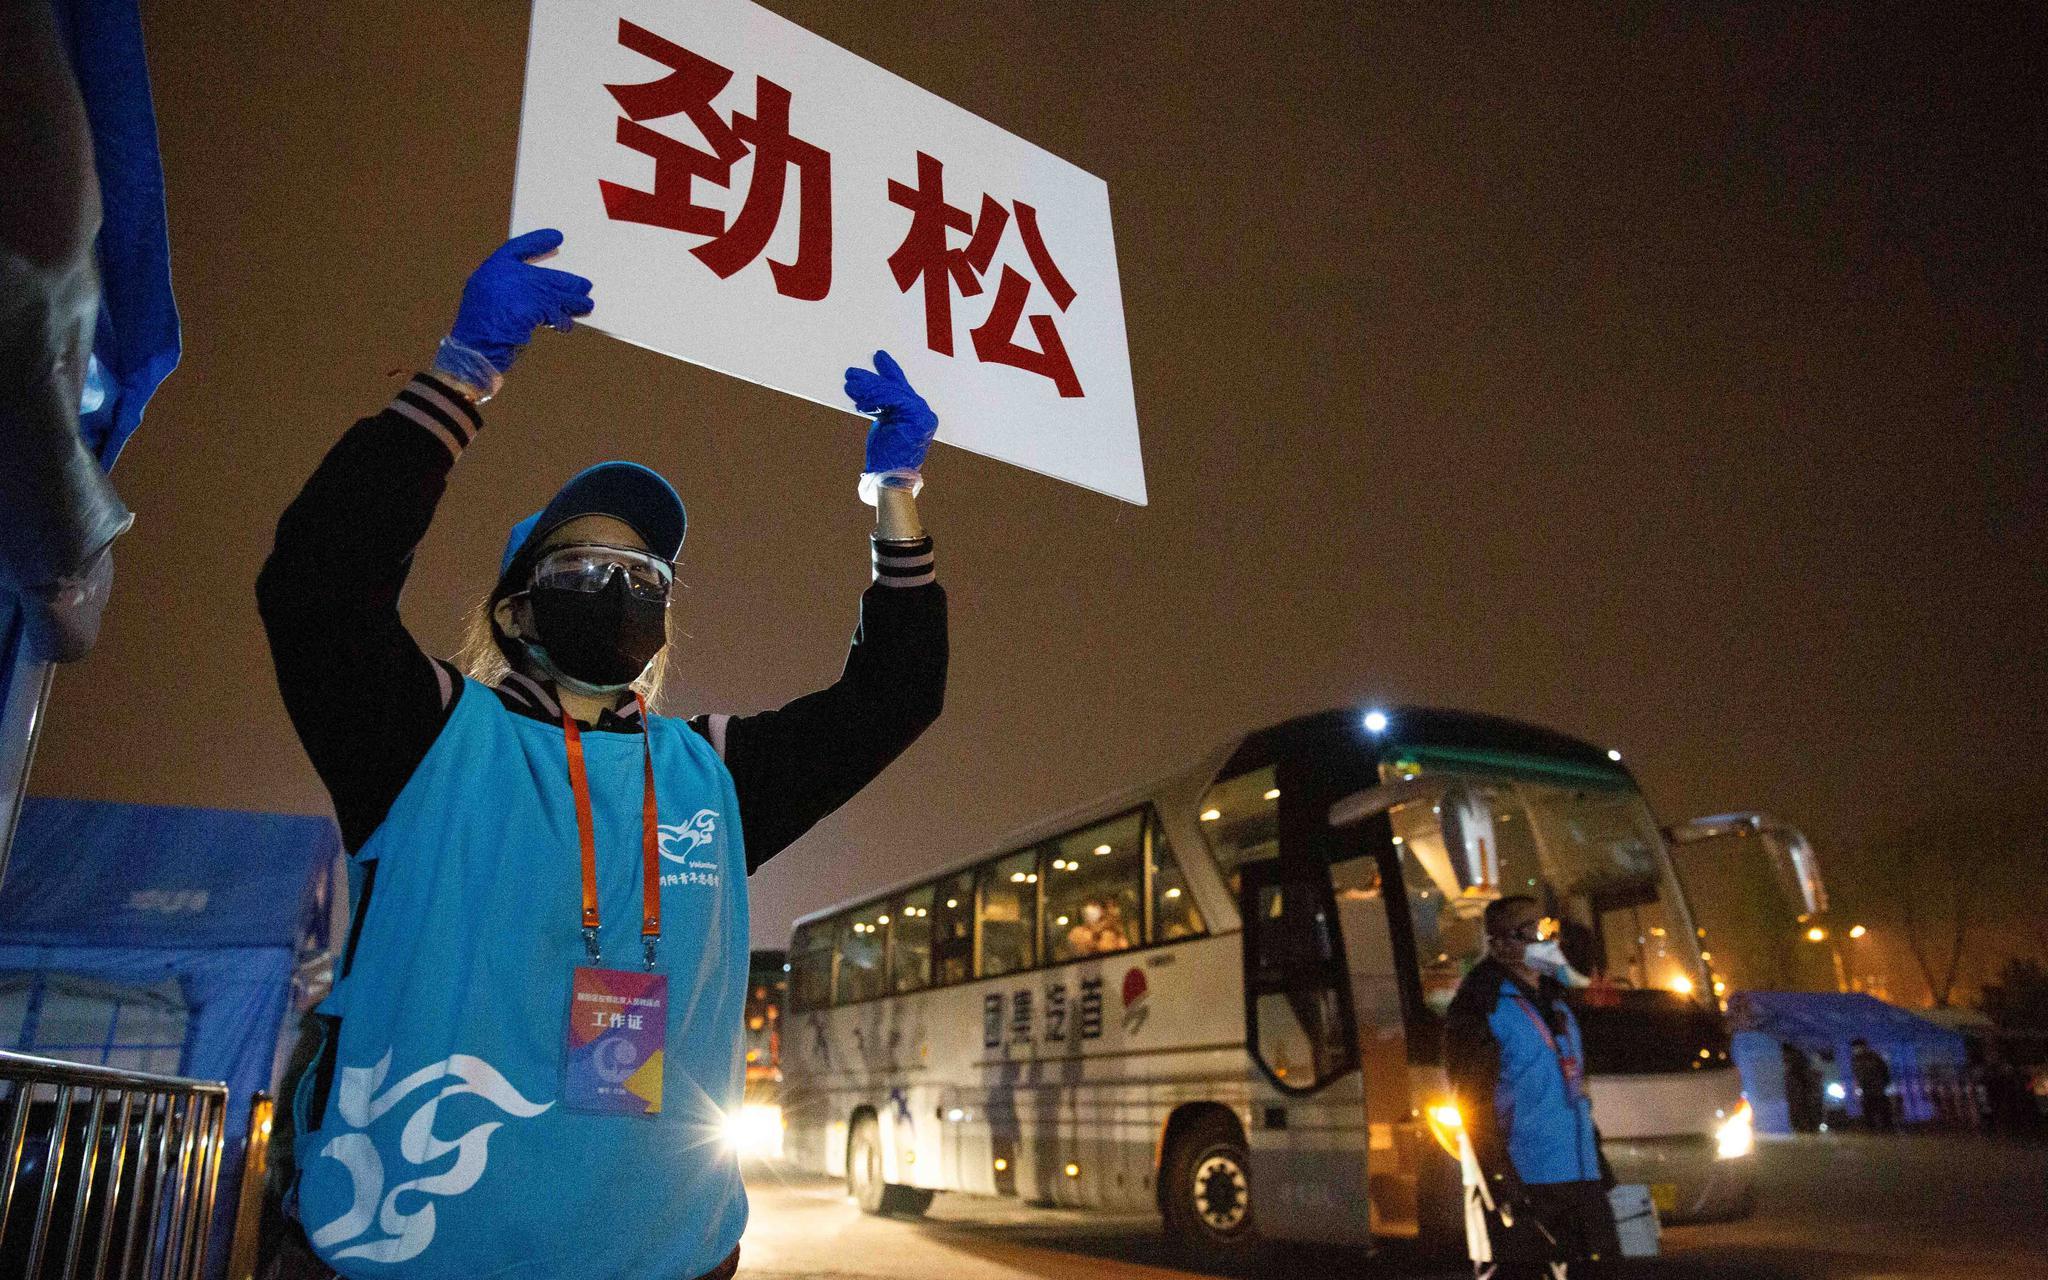 首批湖北返京人员抵达朝阳,记者探访转运中心图片